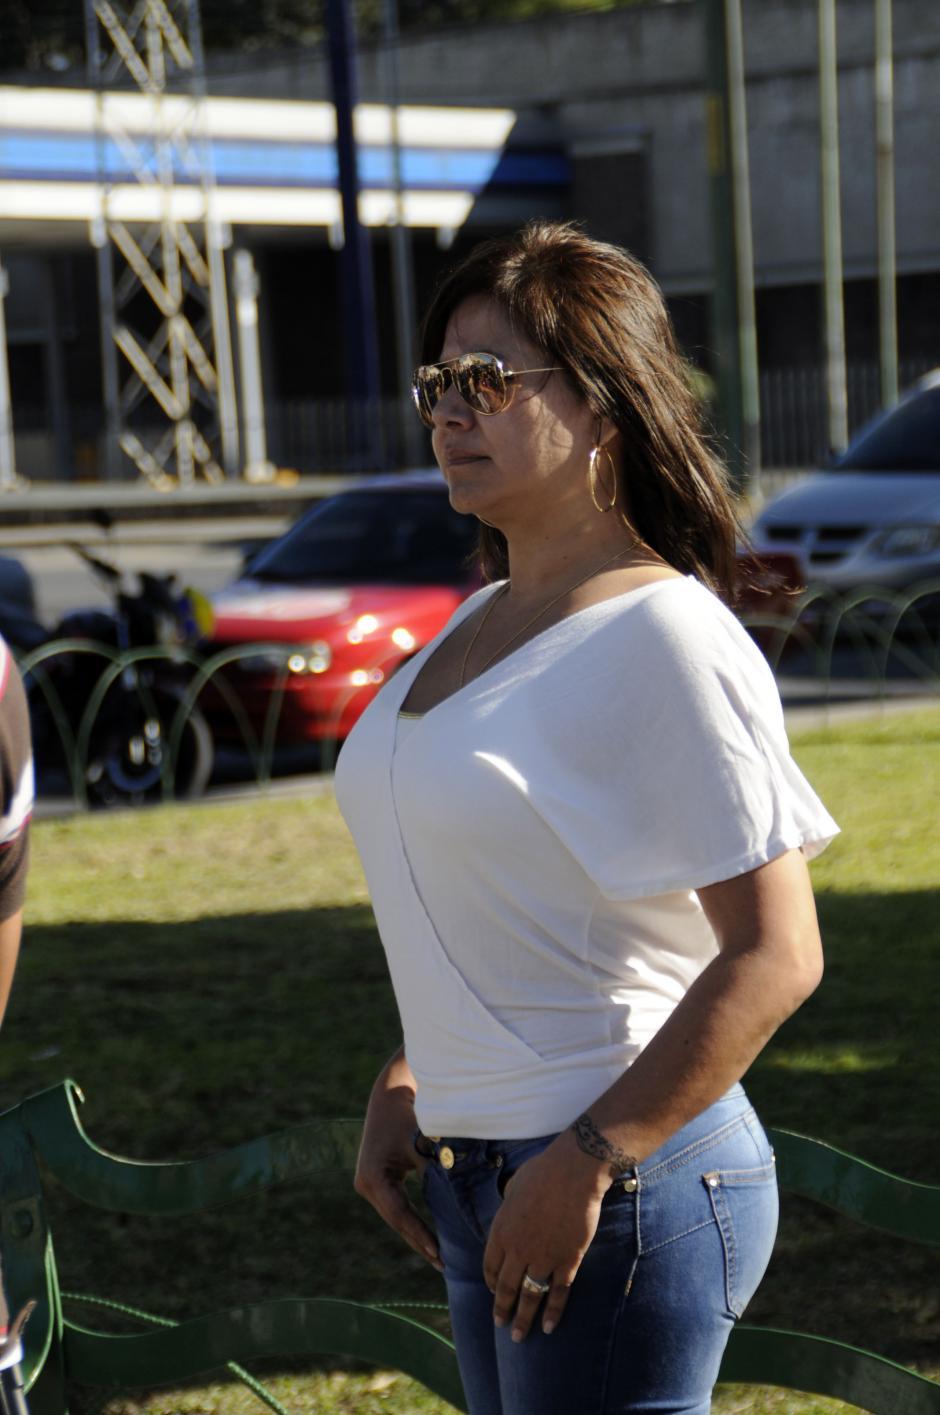 La Policía informó que la mujer tiene fuertes vínculos con diferentes organizaciones del narco. (Esteban Biba/Soy502)